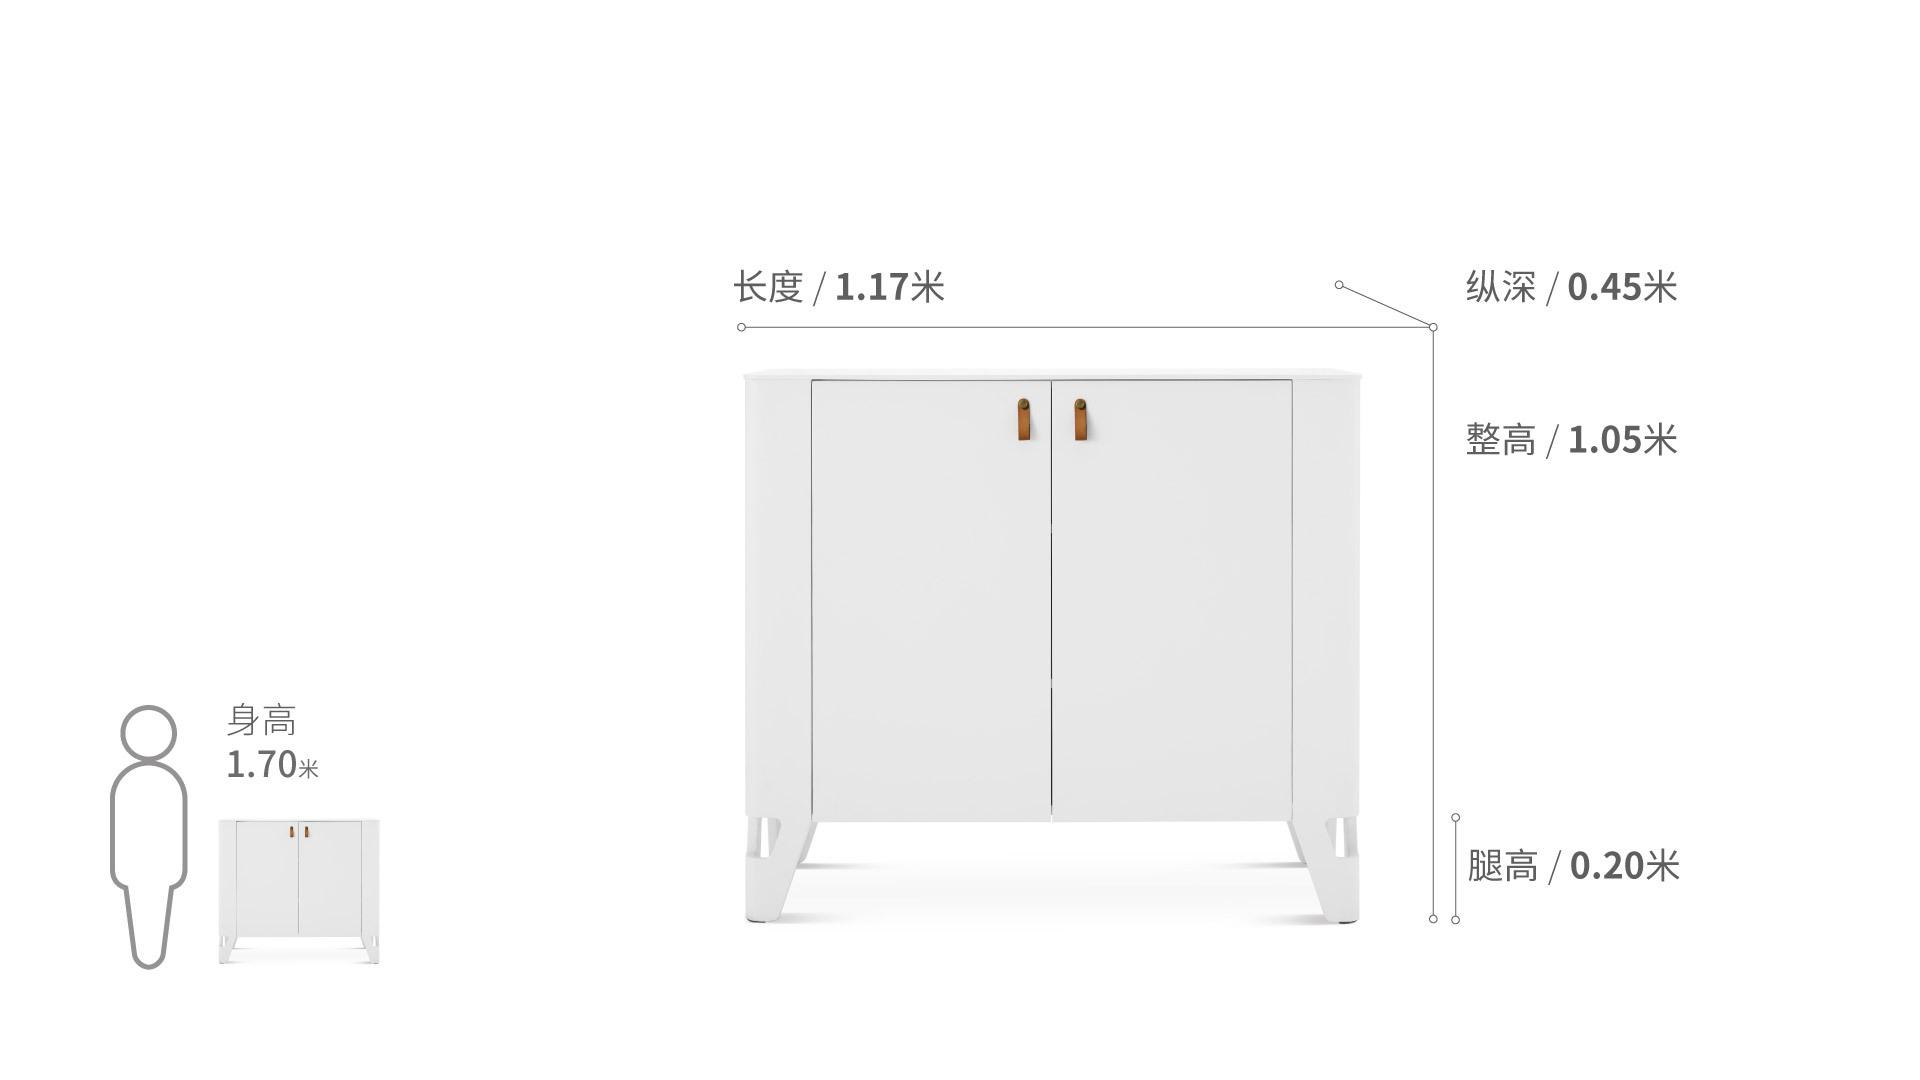 造作朱雀玄关柜™柜架效果图